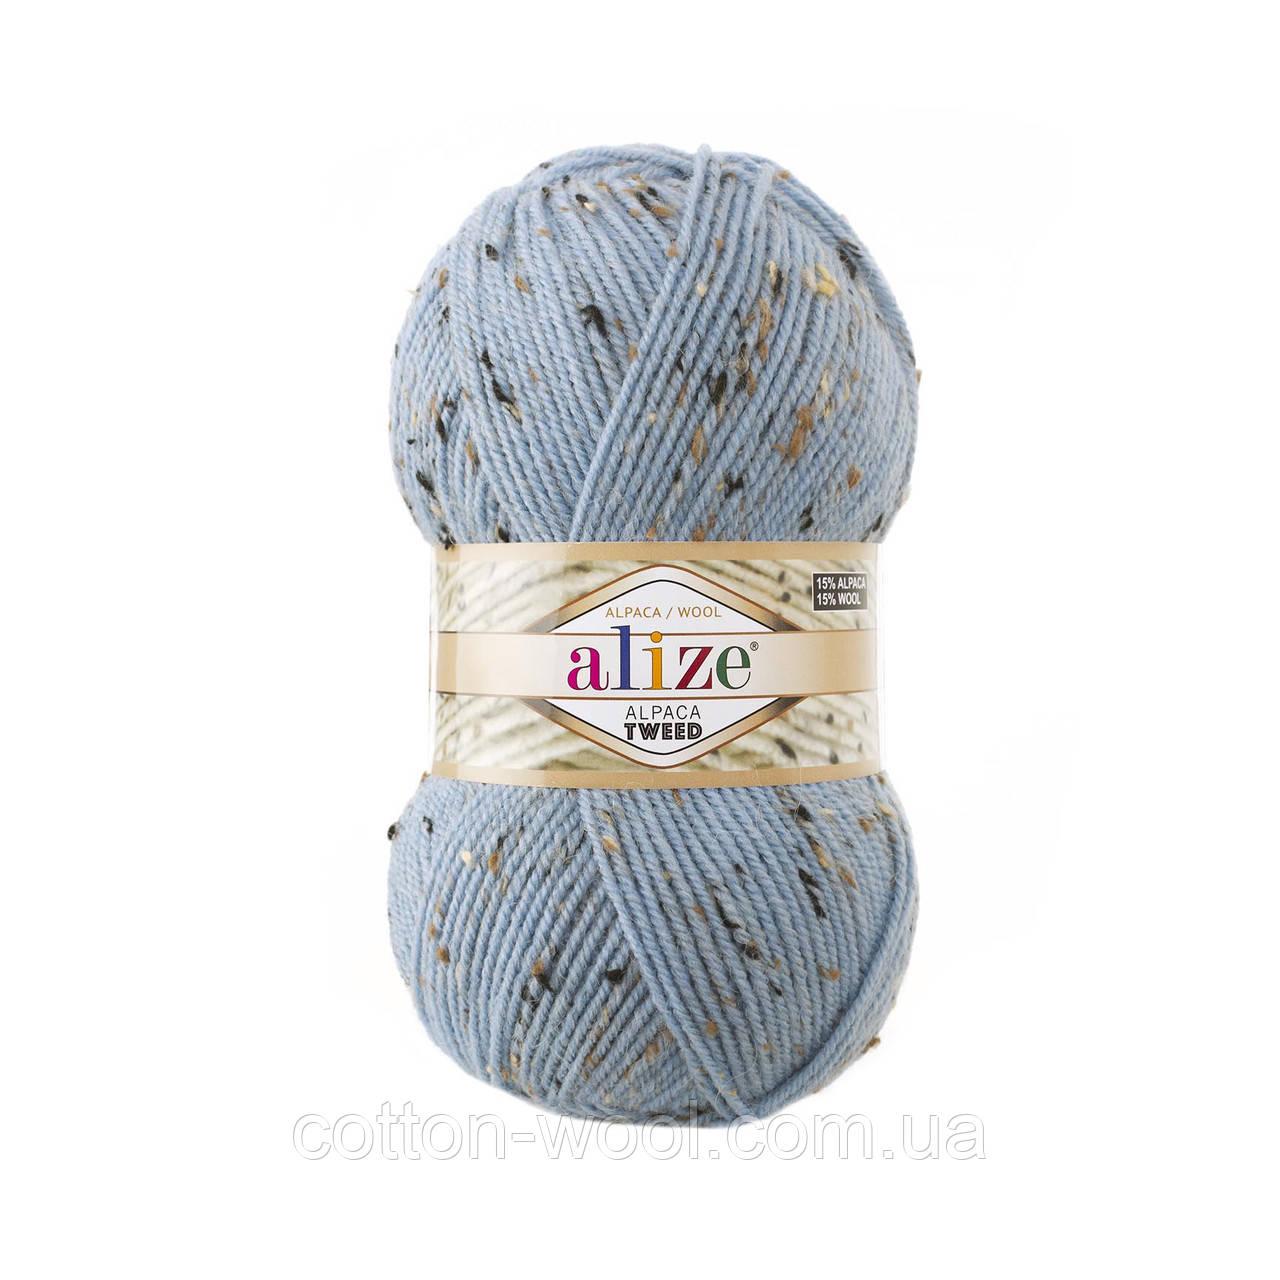 Alpaca Tweed (Альпака Твід) (15% - вовна, 15% - альпака, 5% - віскоза, 65% - акріл) 356